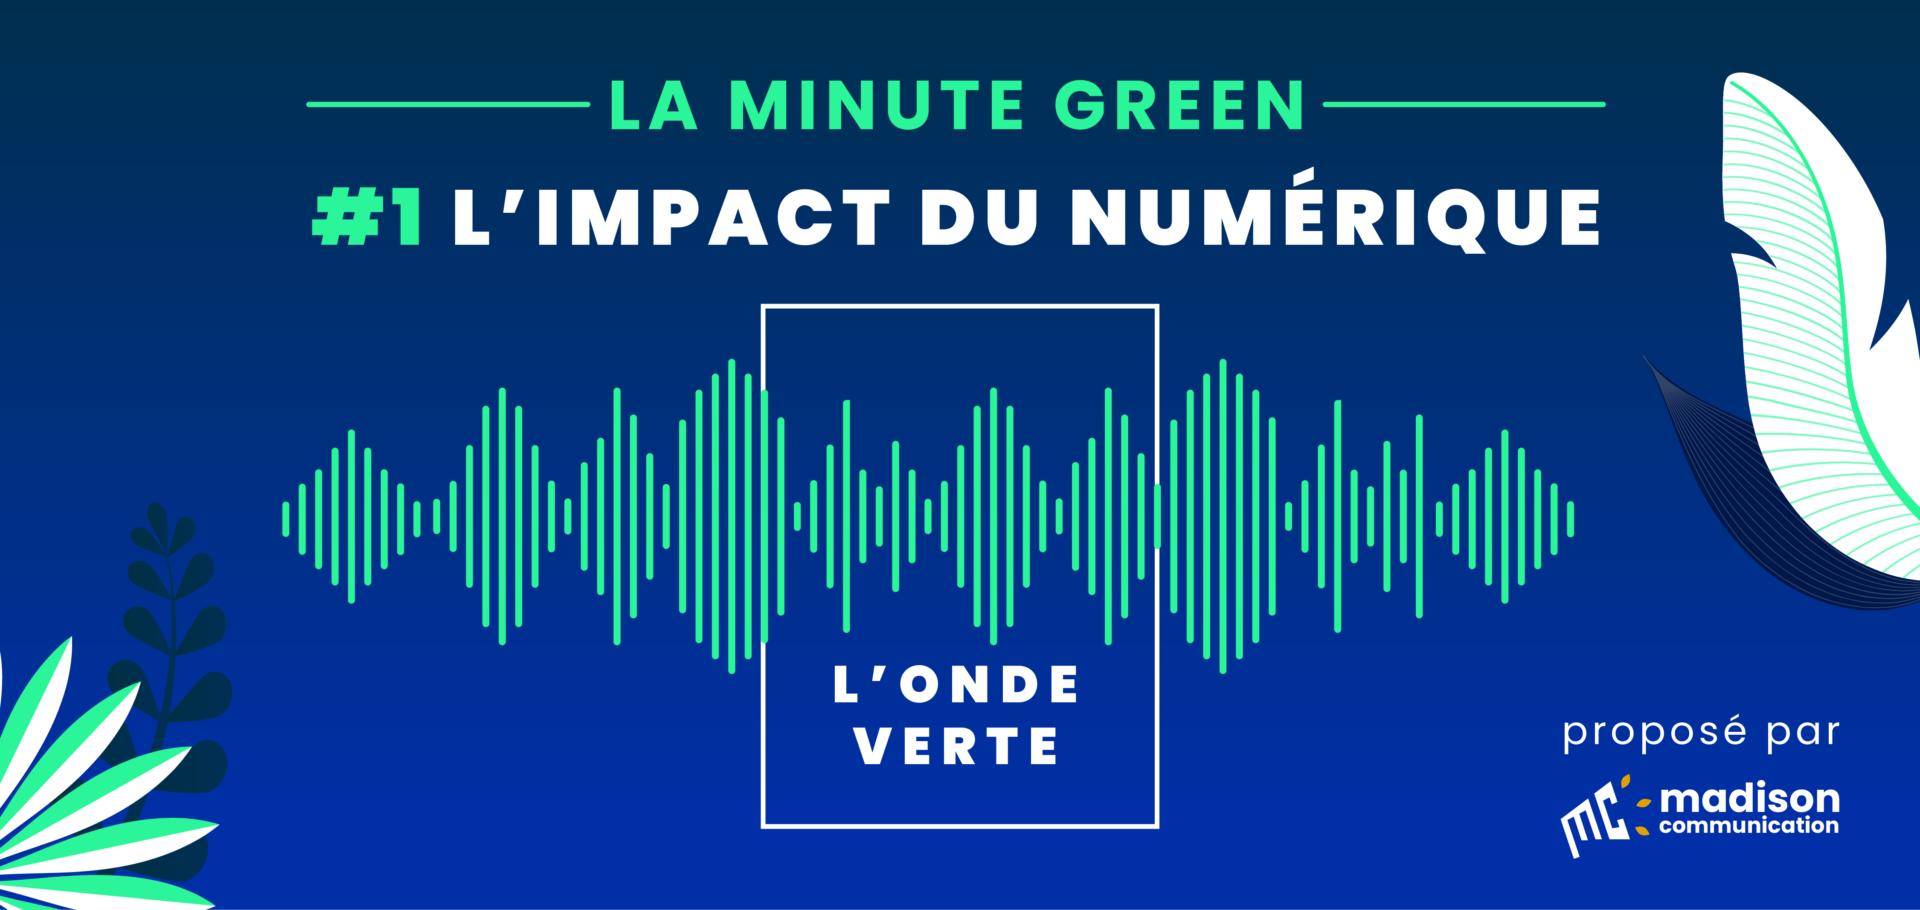 Podcast – L'onde Green /#MinuteGreen1 – L'impact du numérique